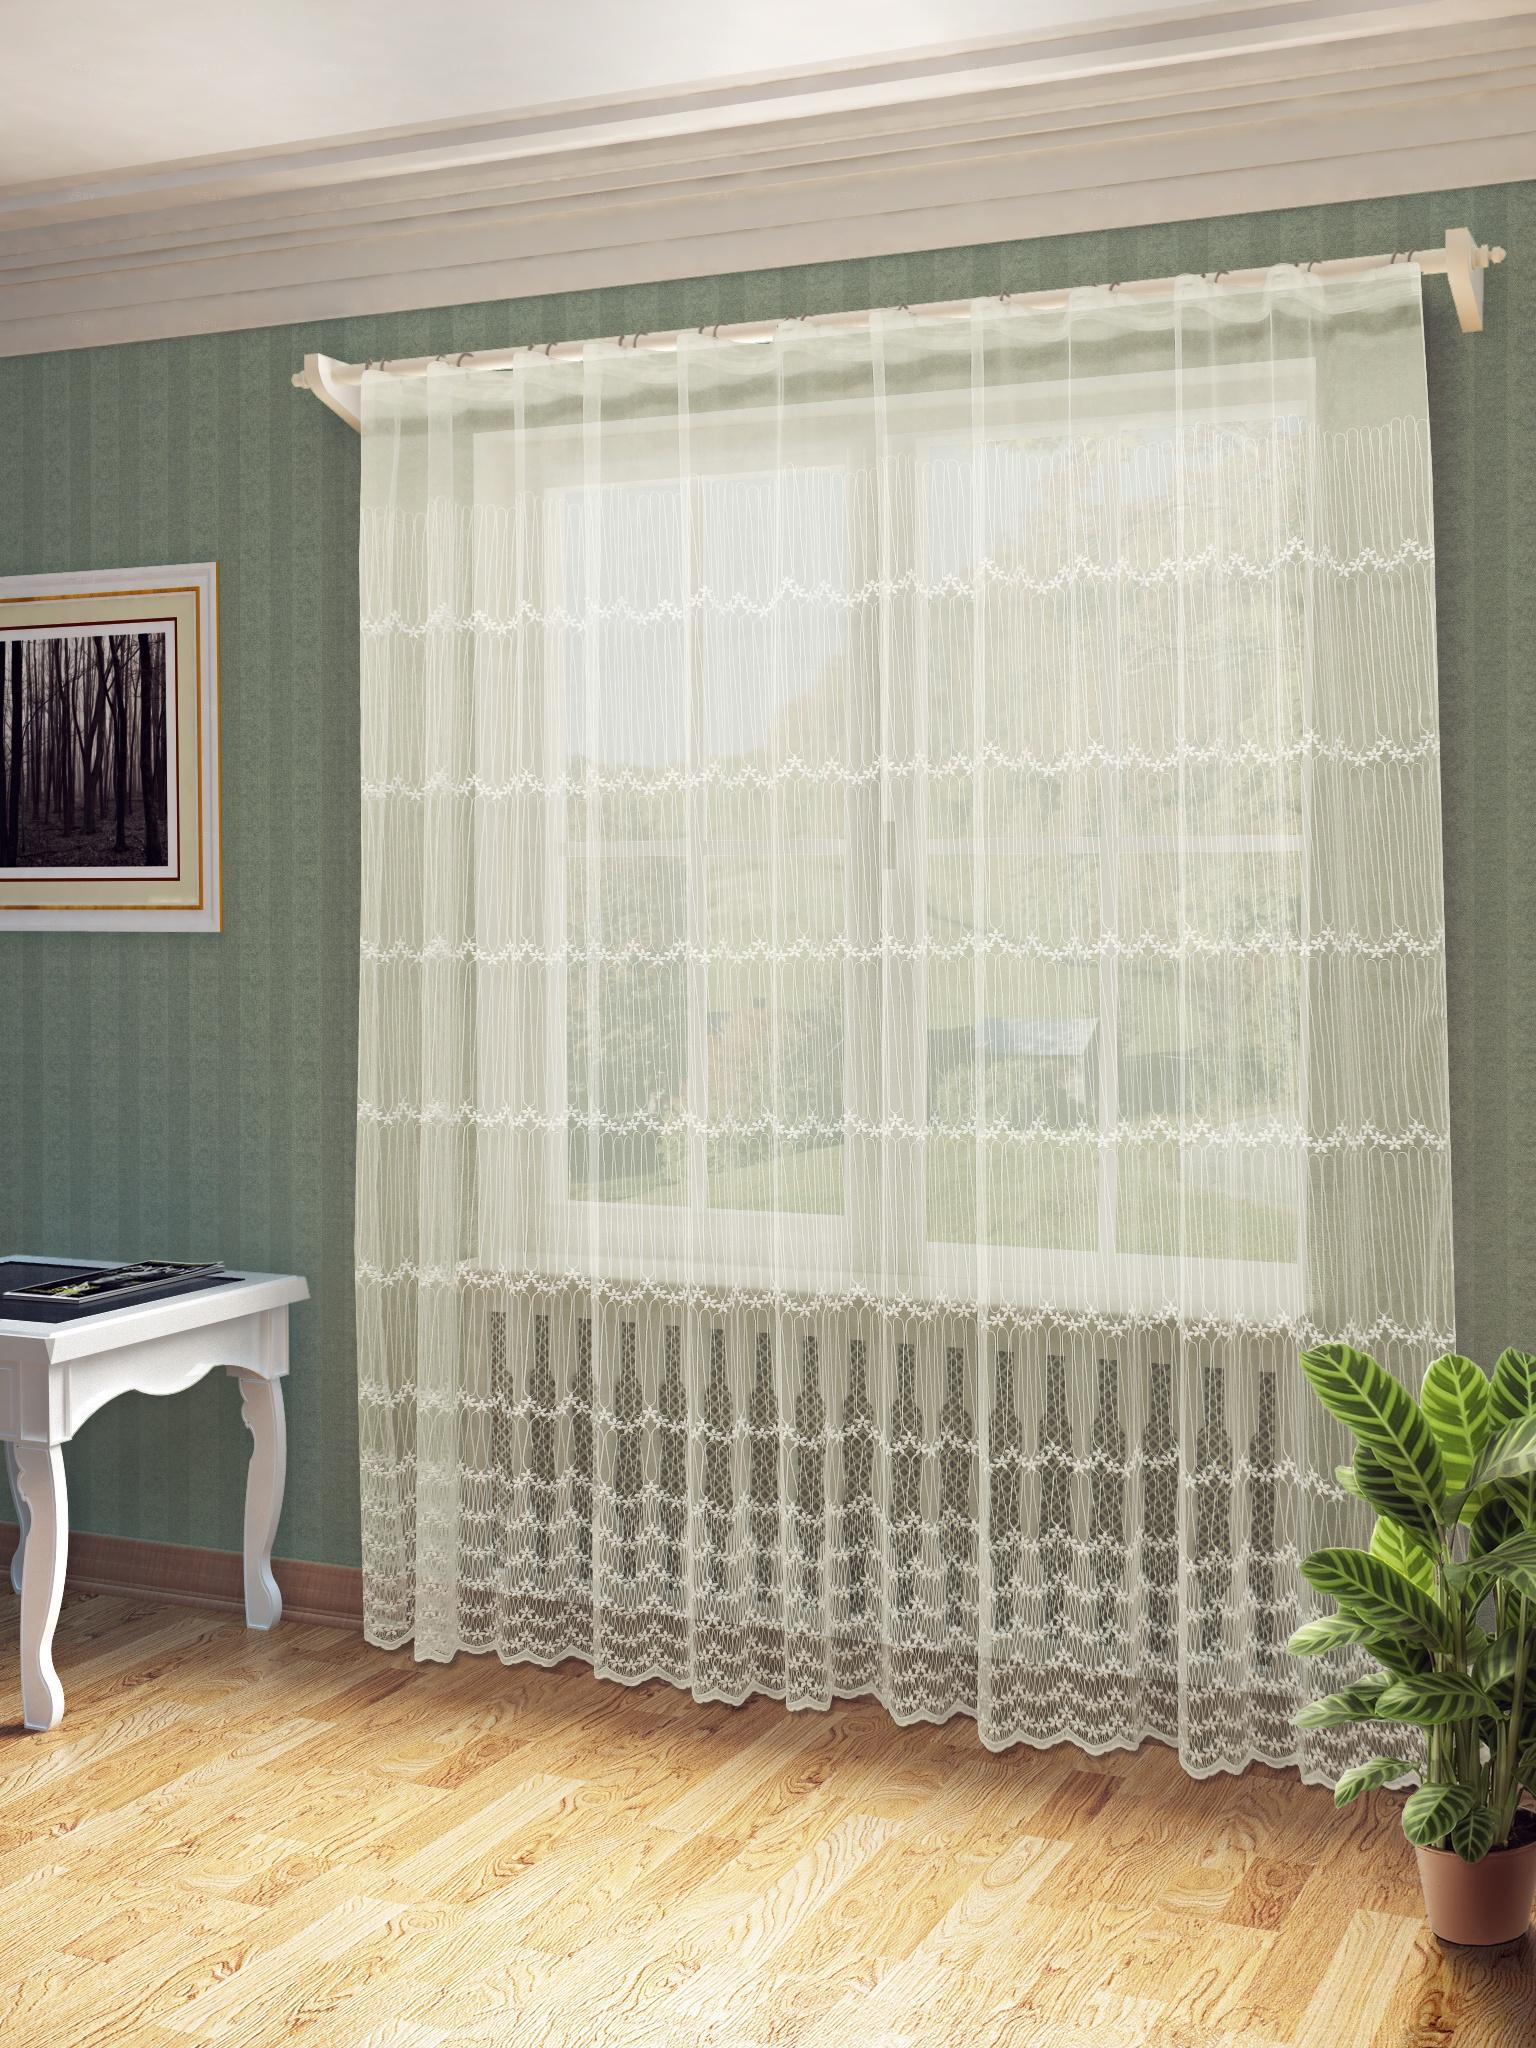 Тюль Sanpa Home Collection Мелиса, HP130433/4/1E Мелиса, бежевый, бежевый, (300*260) тюль sanpa тюль мелиса белый 300 260 см